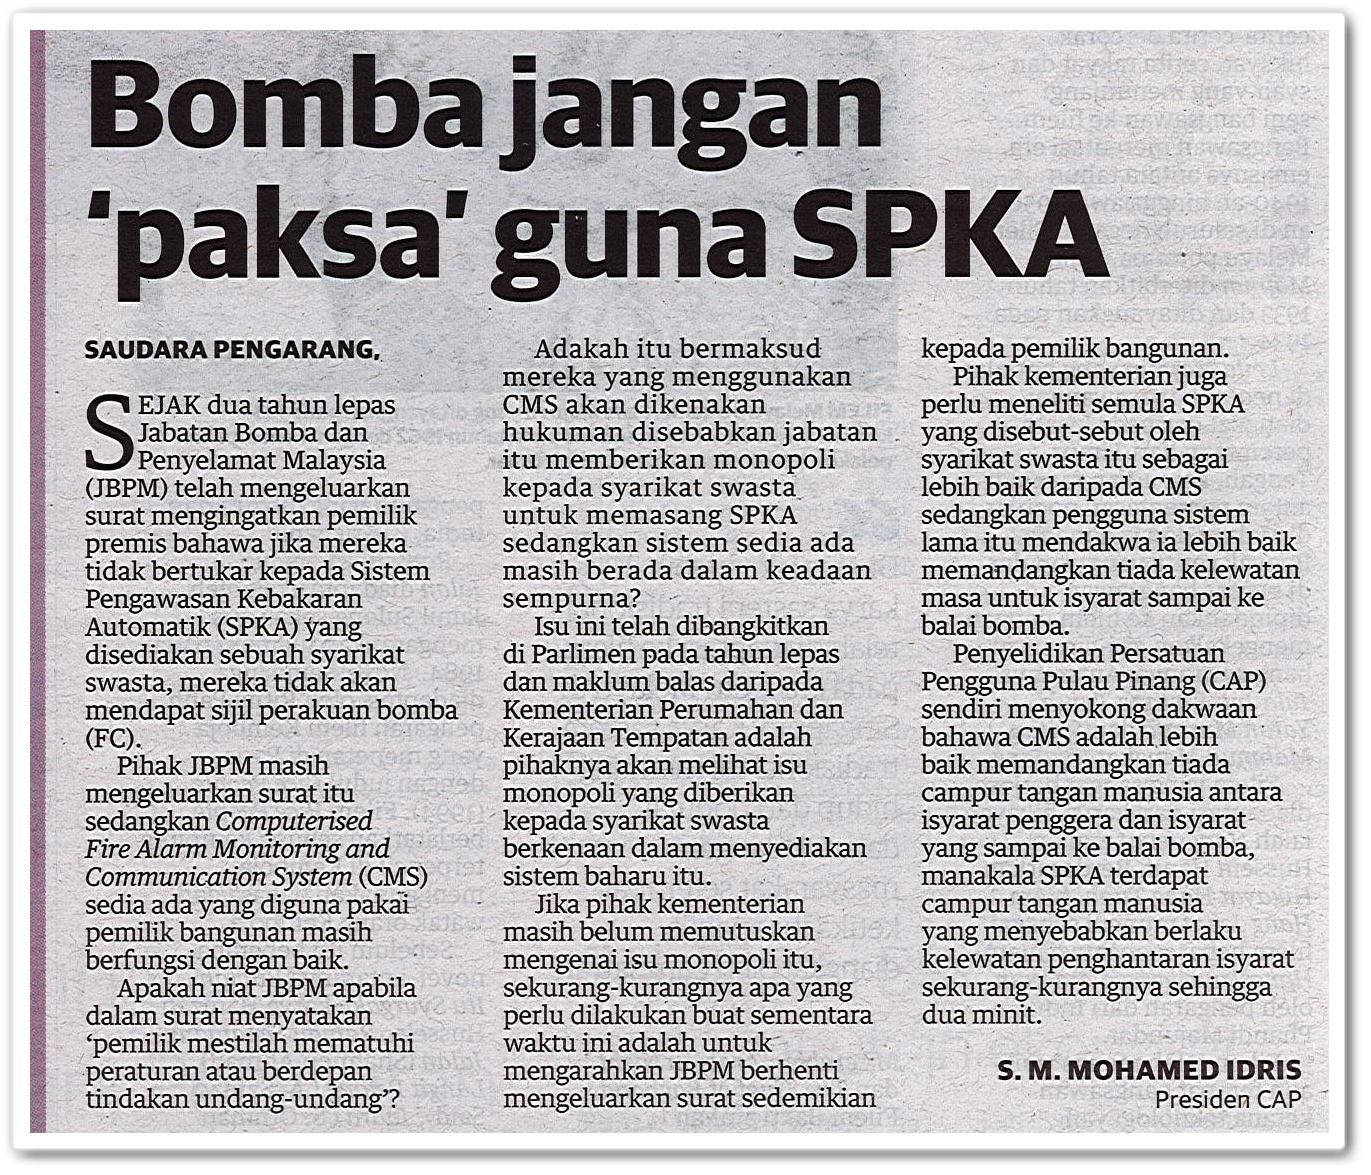 Bomba jangan 'paksa' guna SPKA - Keratan akhbar Utusan Malaysia 3 Mei 2019